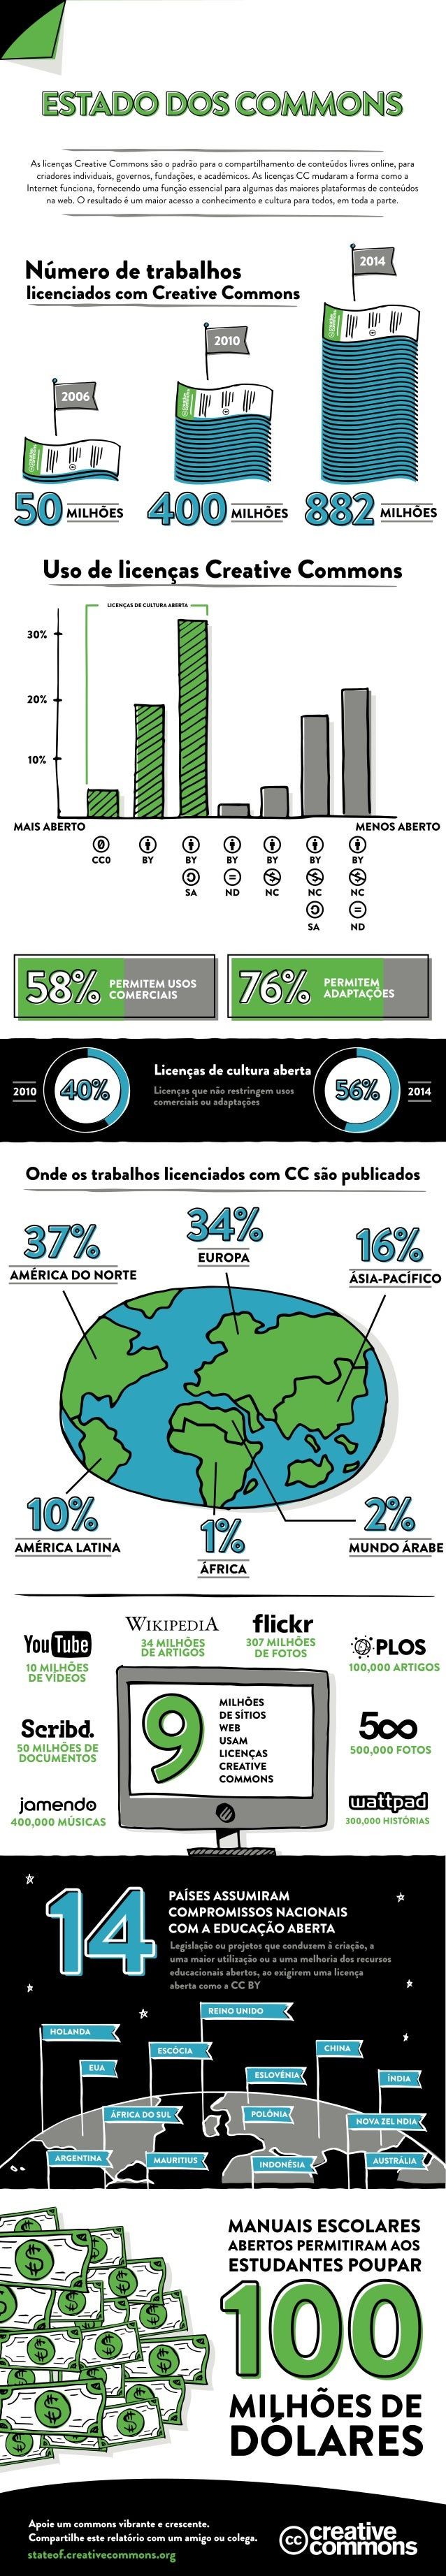 ESTA § @CCDMMCCDNEÊ  As licenças Creative Commons são o padrão para o compartilhamento de conteudos livres online,  para c...